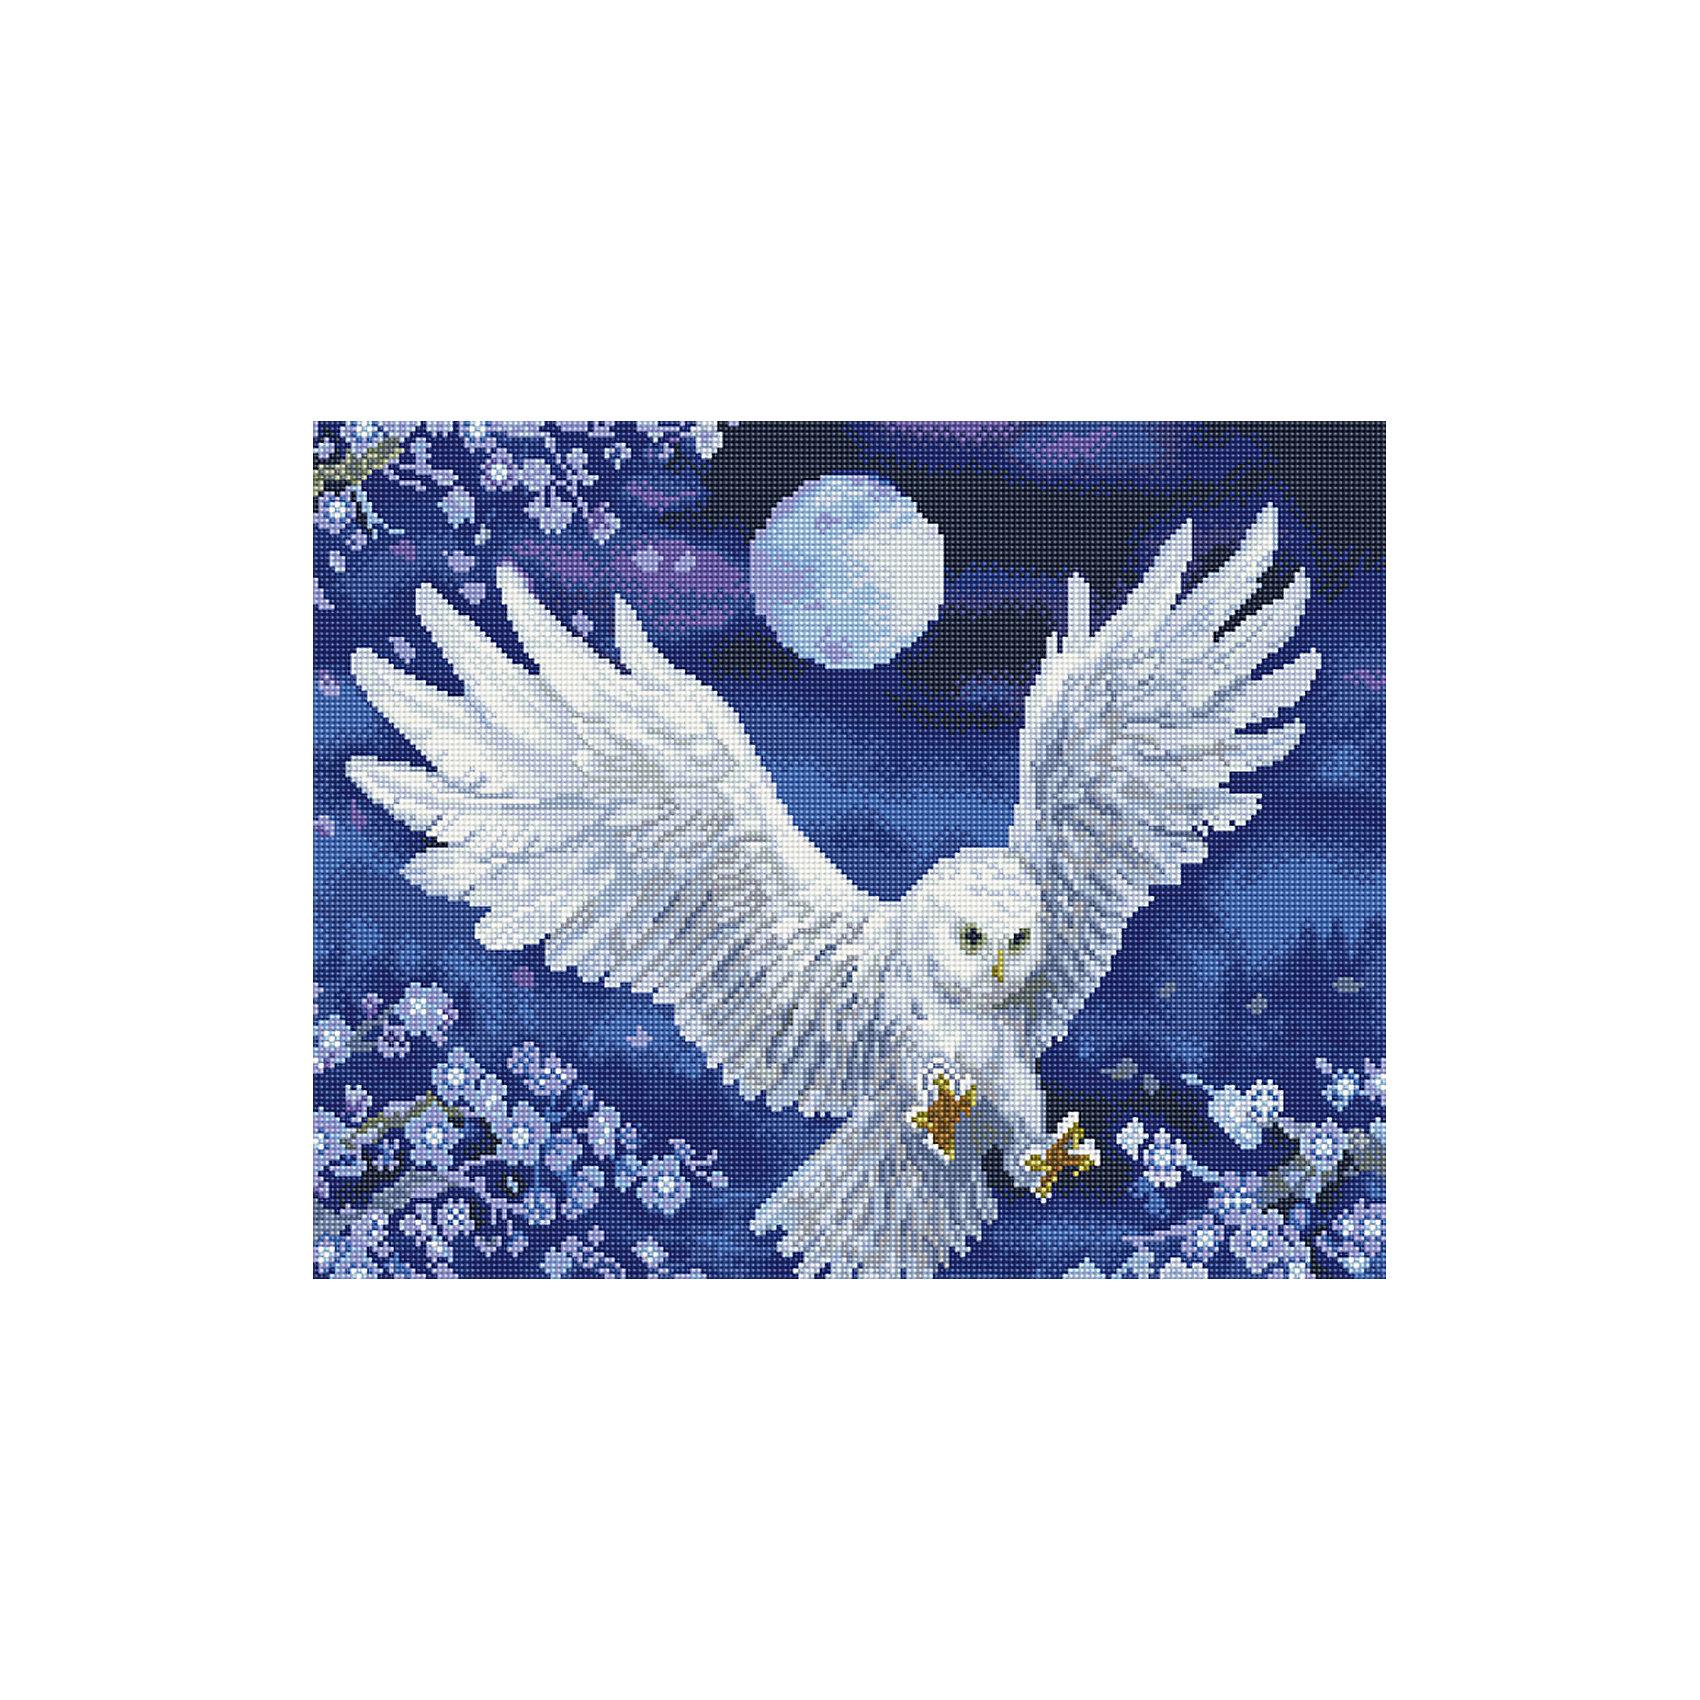 TUKZAR Алмазная мозаика Сипуха 40*50 см наборы для поделок цветной алмазная мозаика сидящая балерина